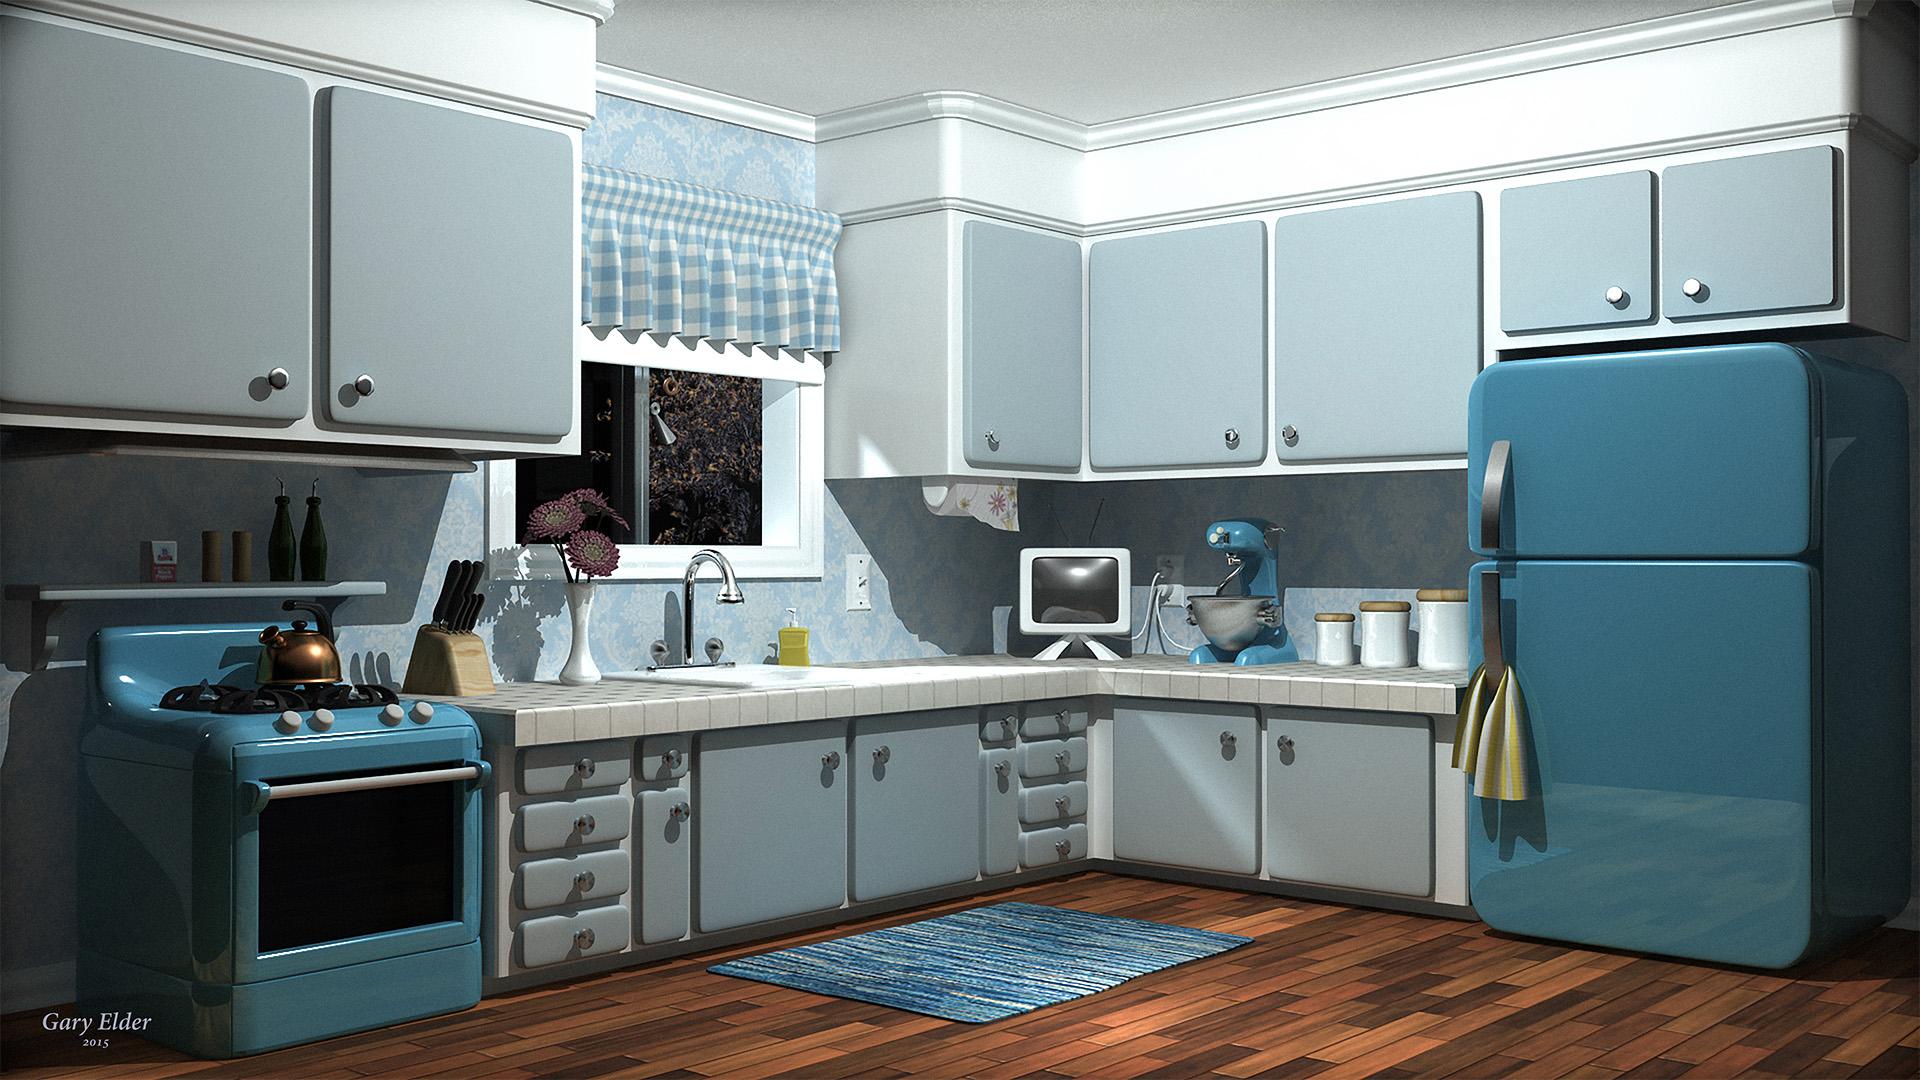 Retro Kitchen Page — Gary Elder